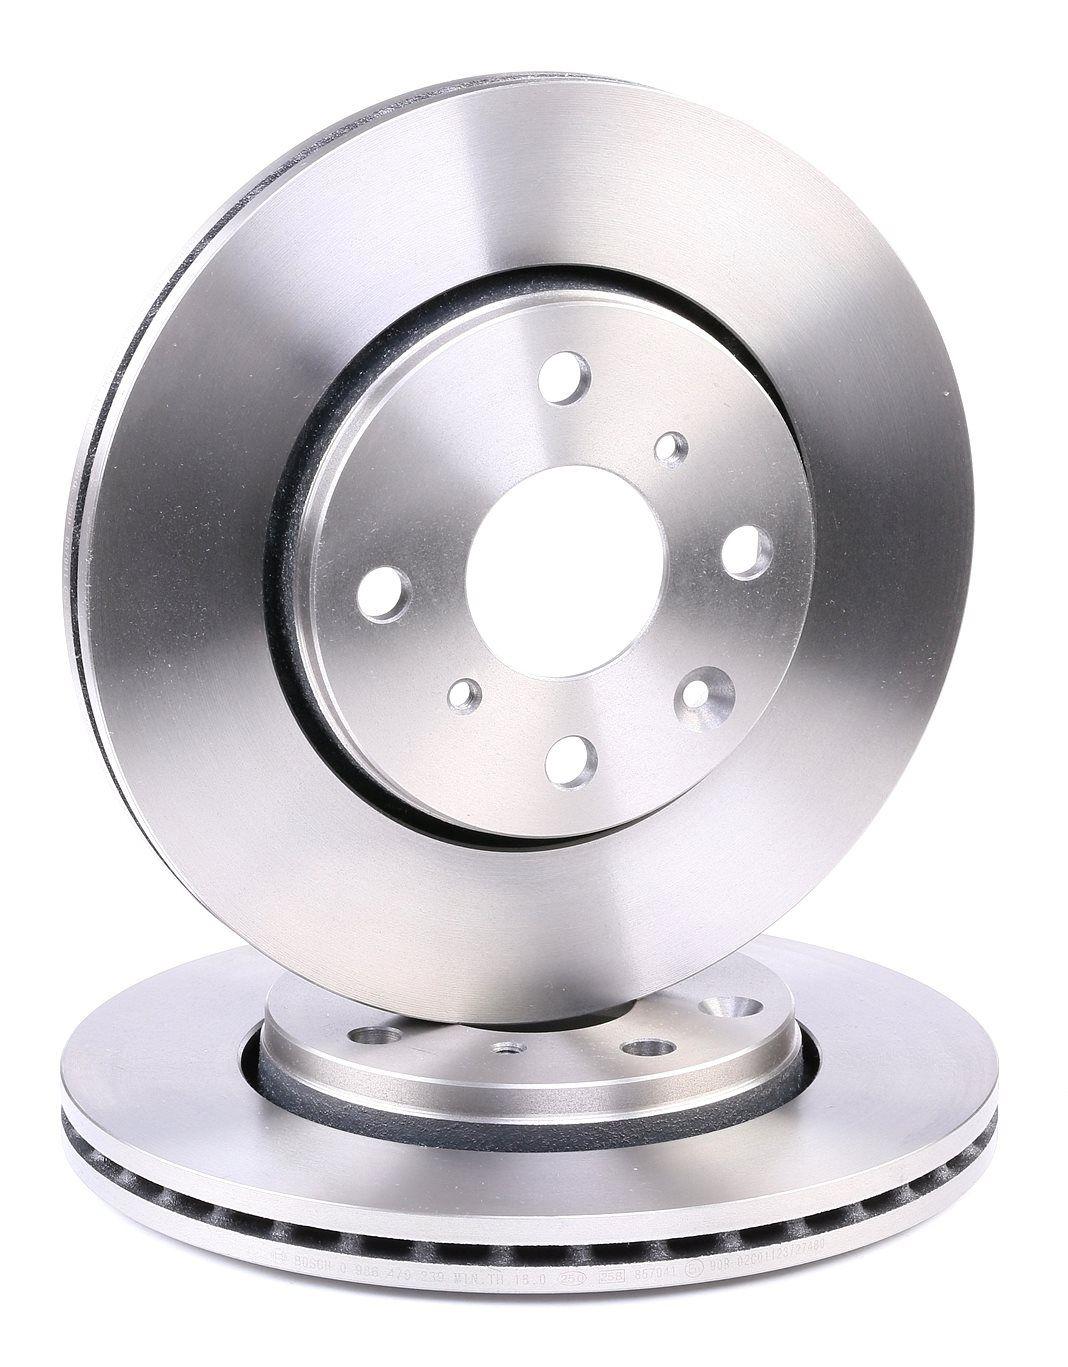 E190R02C01410089 BOSCH belüftet, Innenbelüftet, geölt Ø: 247mm, Lochanzahl: 4, Bremsscheibendicke: 20mm Bremsscheibe 0 986 479 239 günstig kaufen